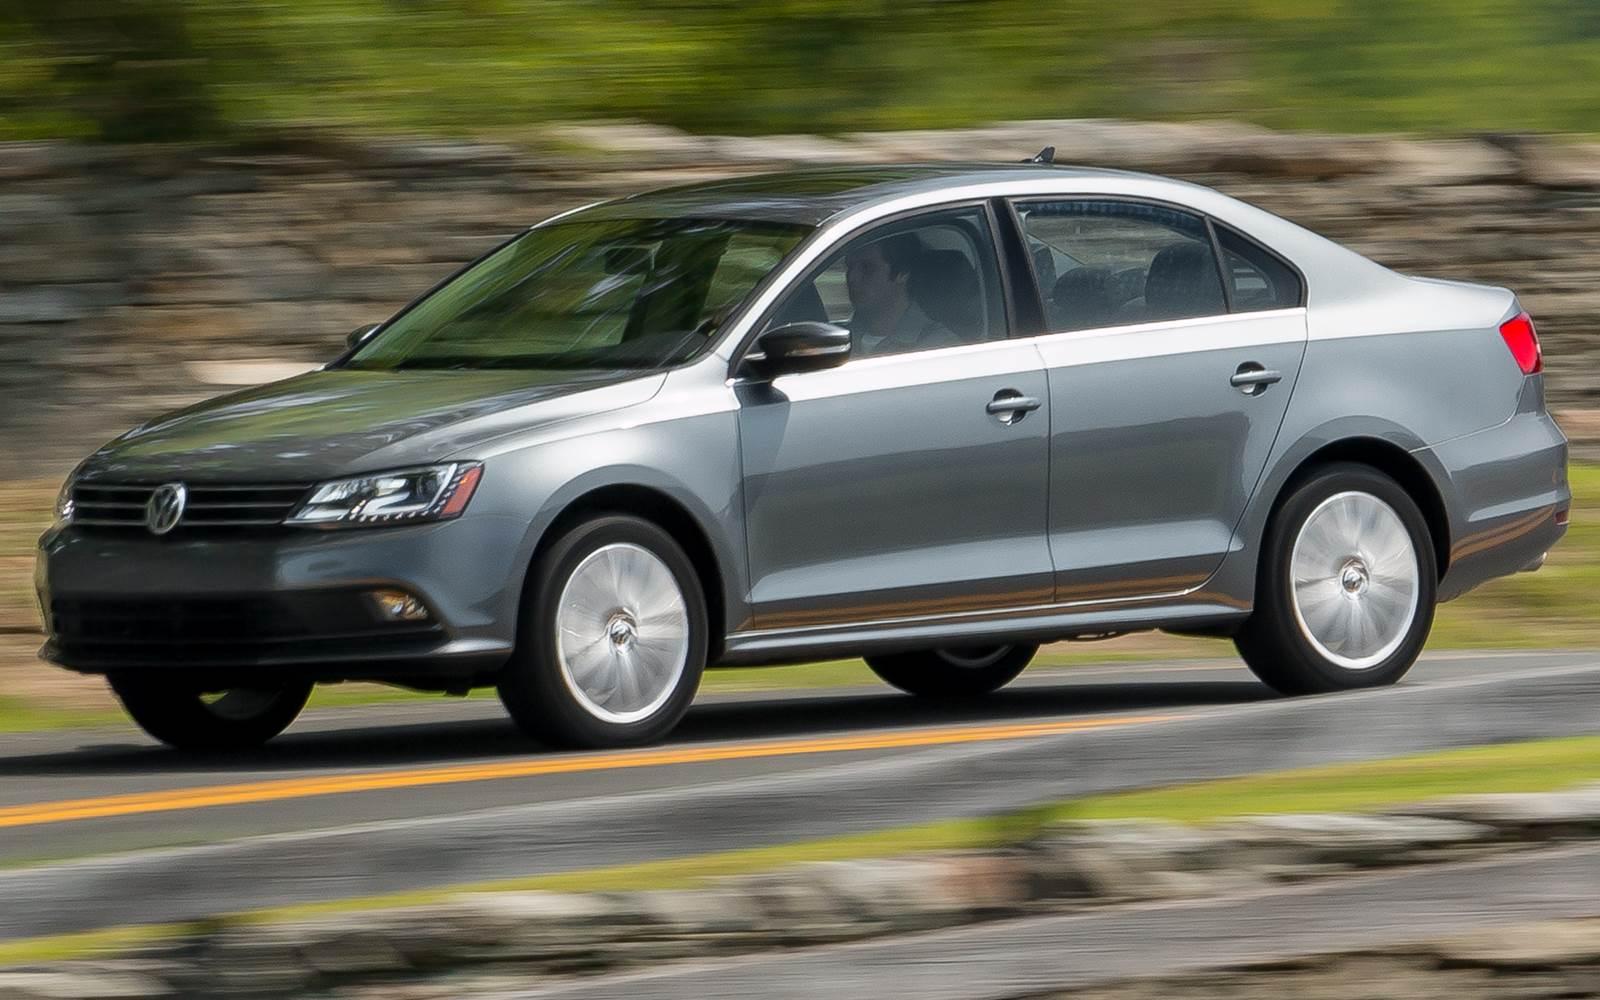 Novo Volkswagen Jetta: vendas no Brasil começam em 2015 | CAR.BLOG.BR